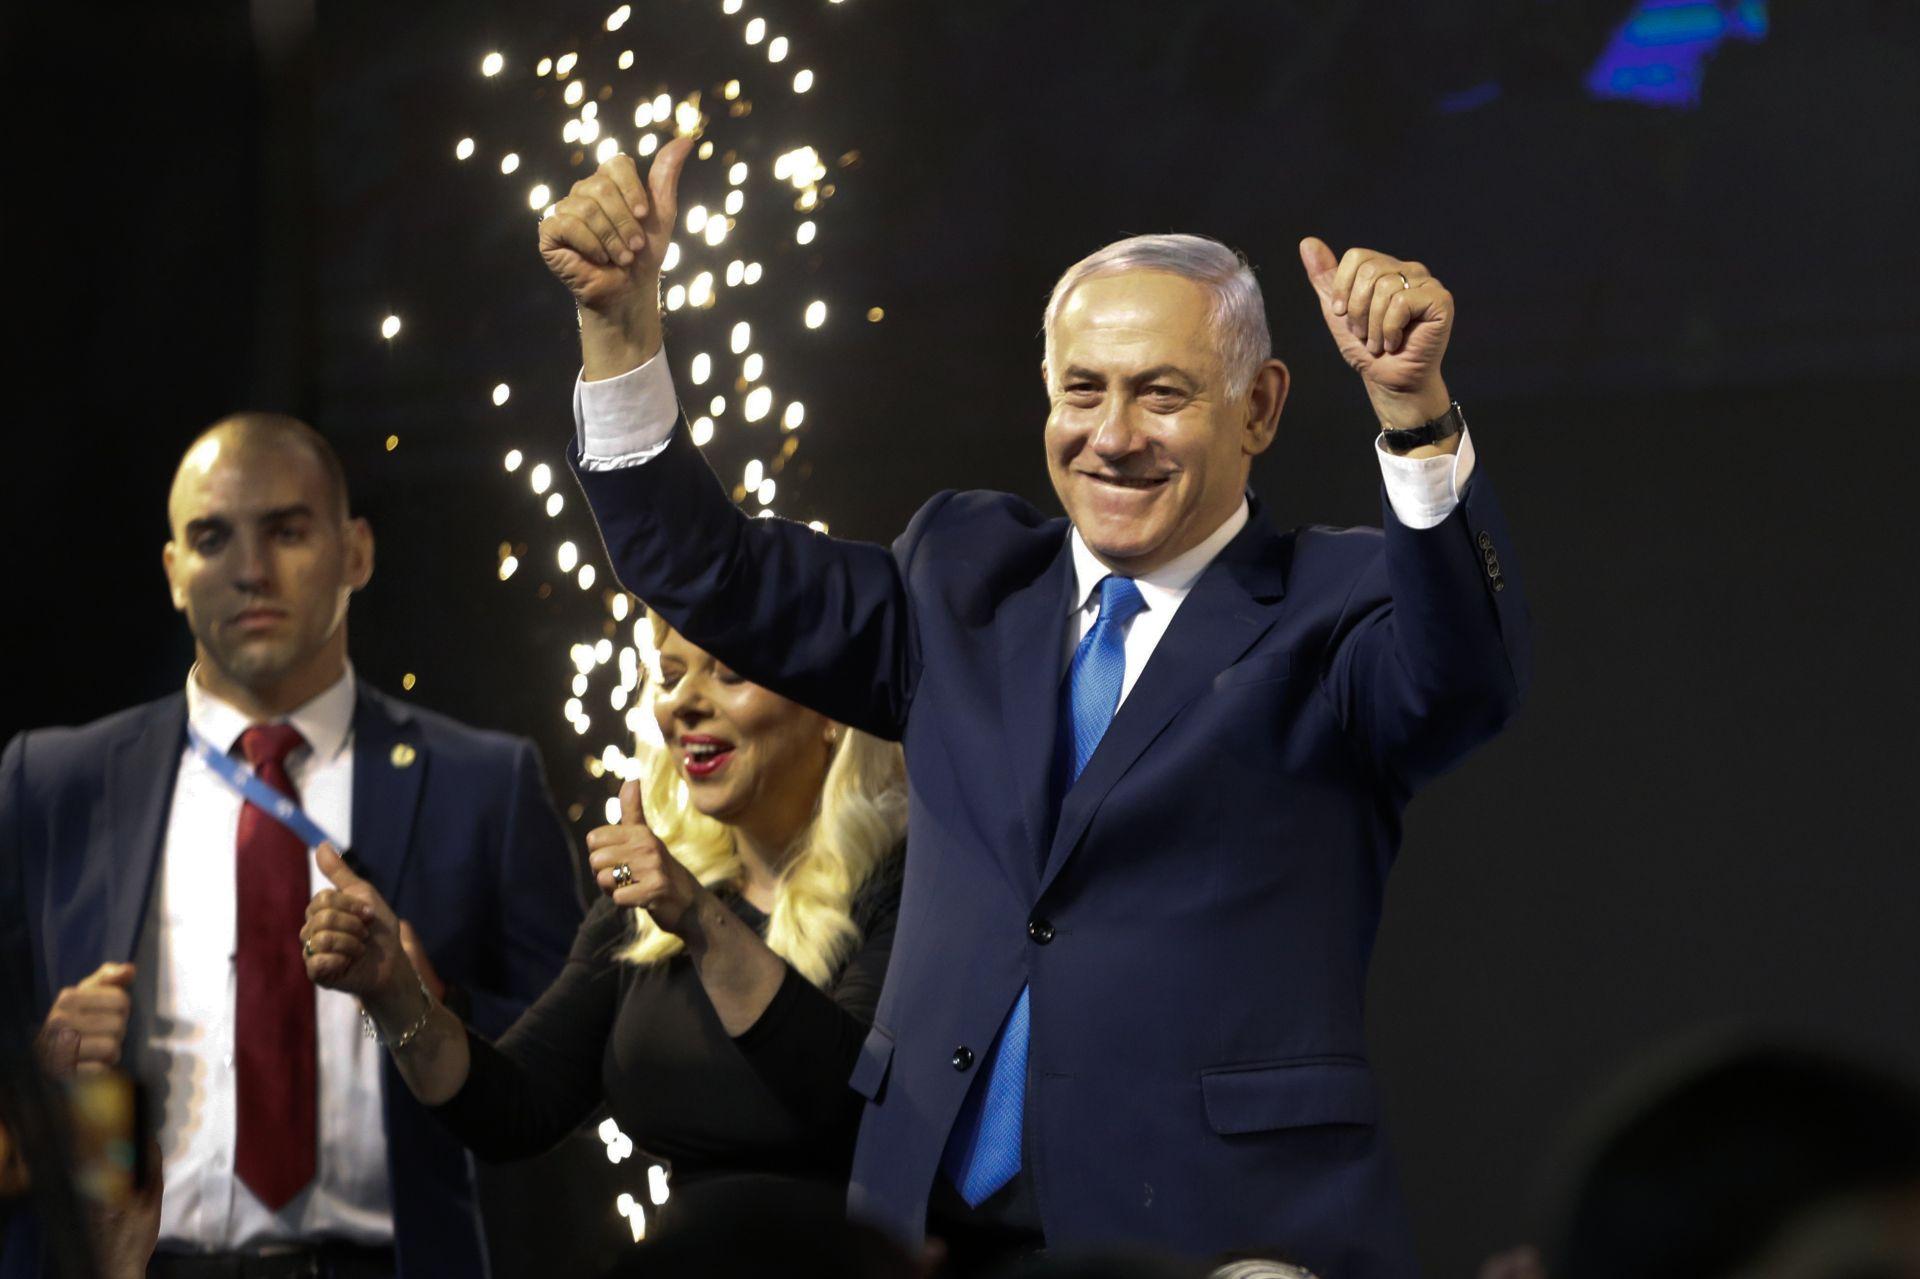 """При 96 процента преброени гласове, дясната партия """"Ликуд"""" на Нетаняху печели 37 места в Кнесета"""